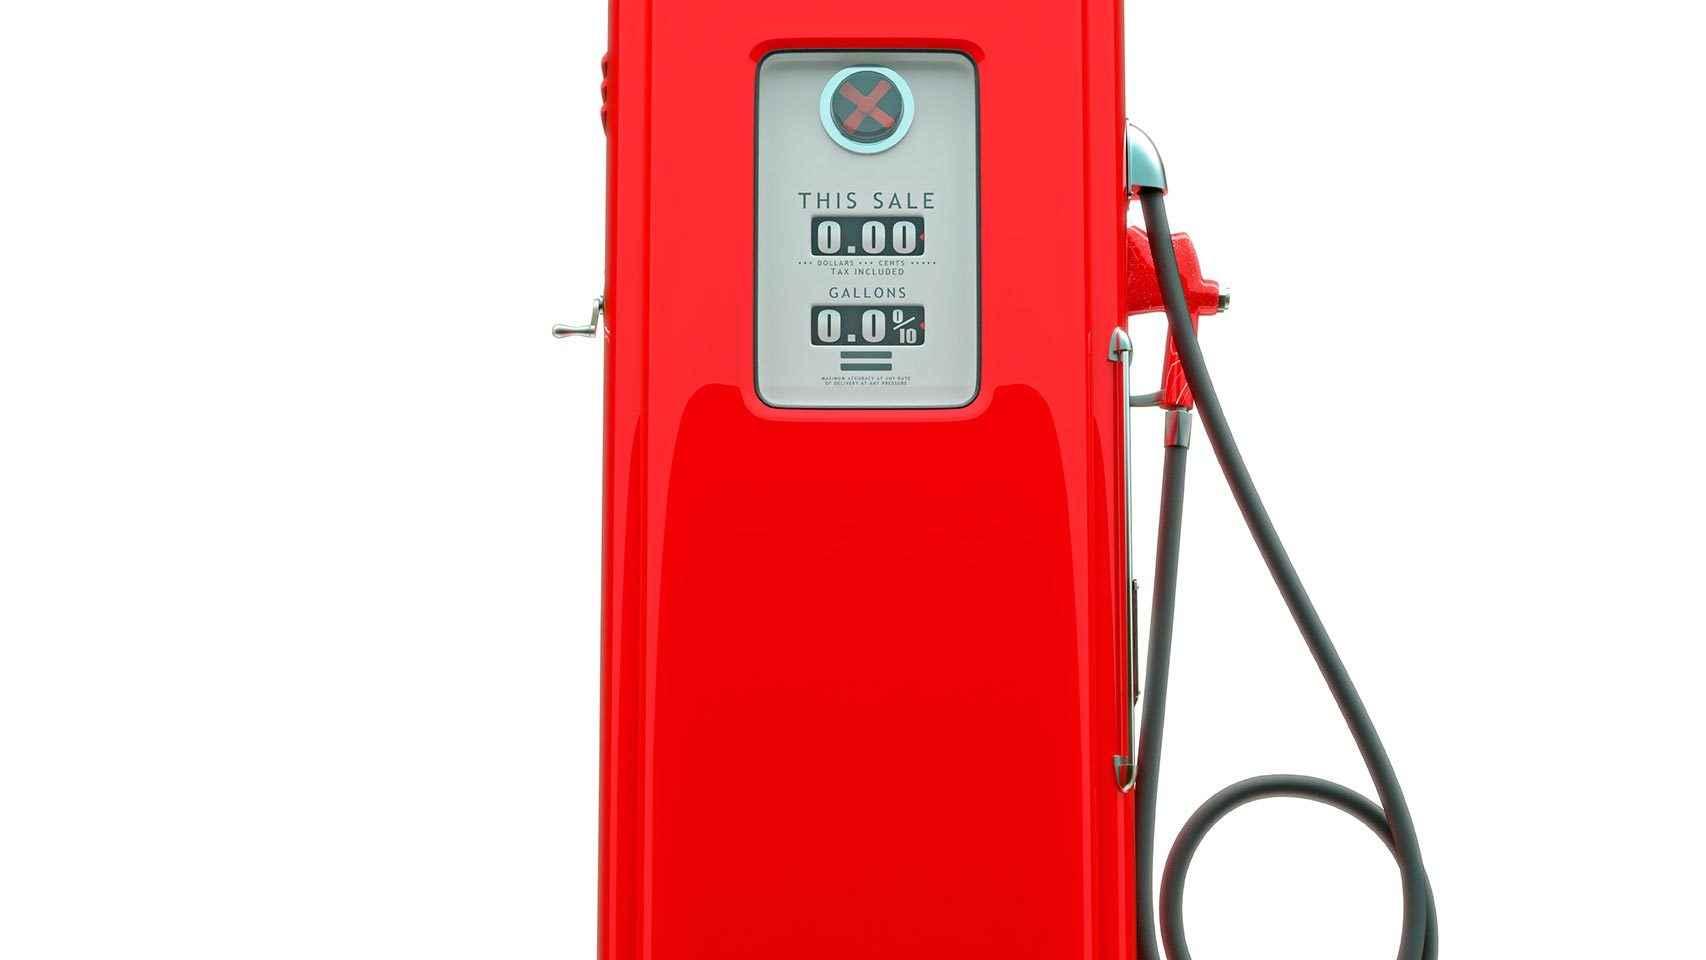 El delito sería la alteración de los precios al pactar el de la gasolina.